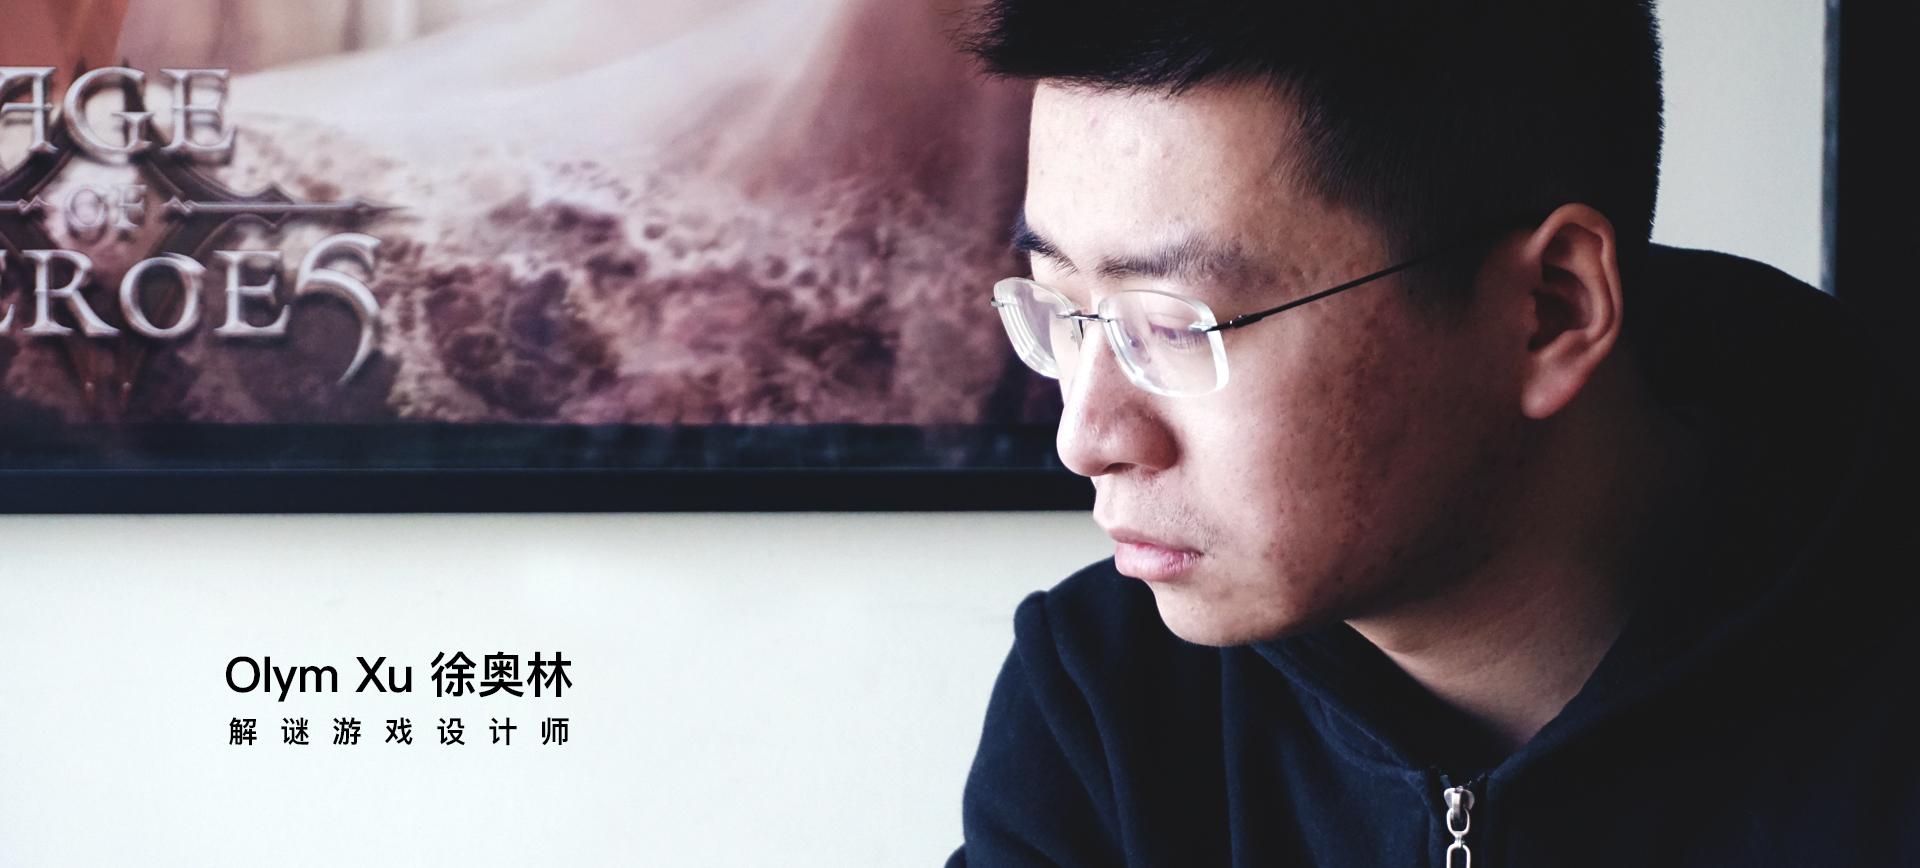 徐奥林图3.jpg